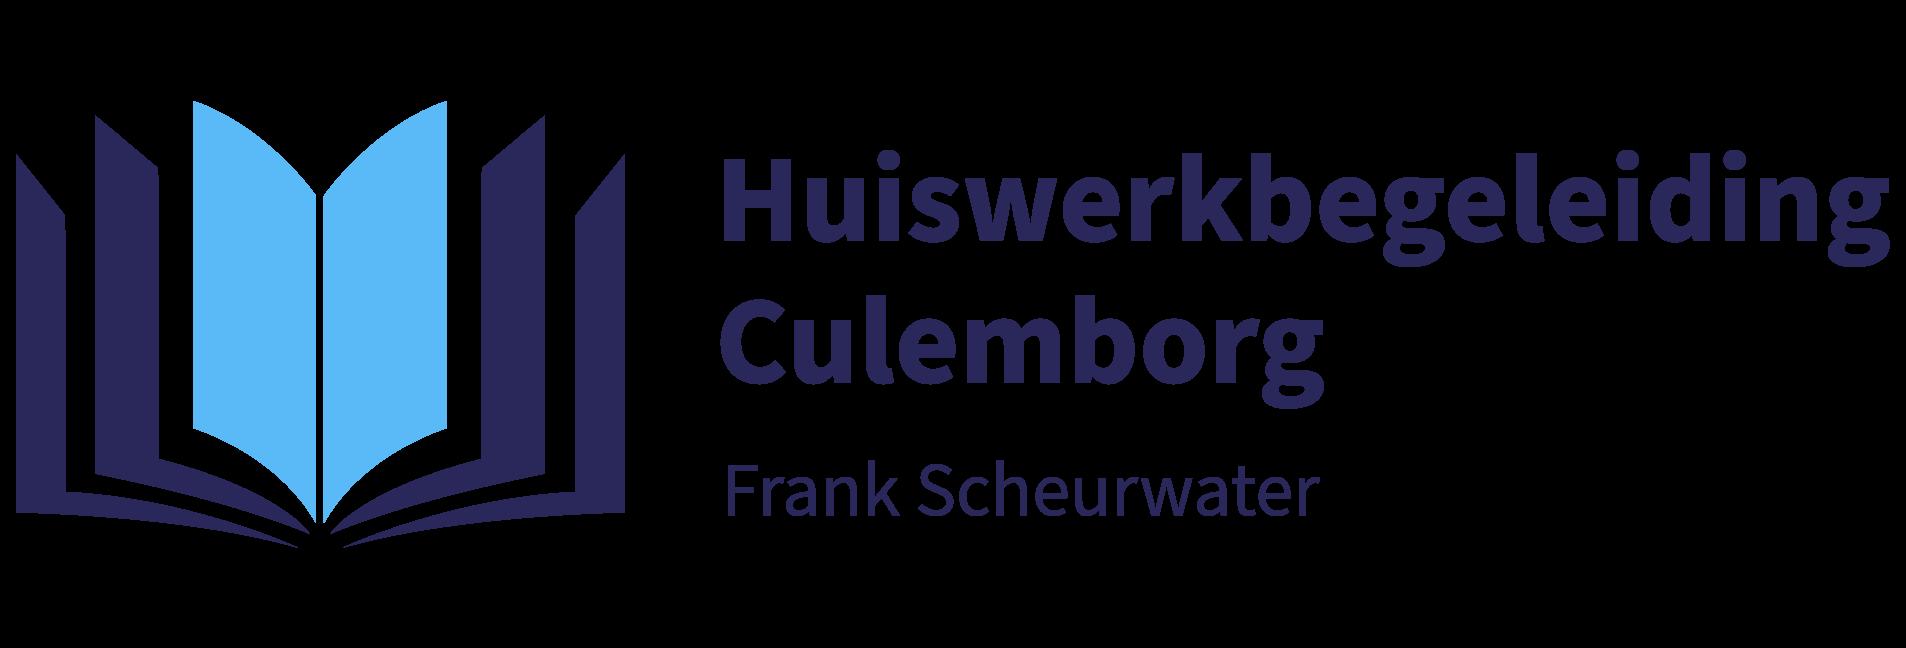 Huiswerkbegeleiding Culemborg